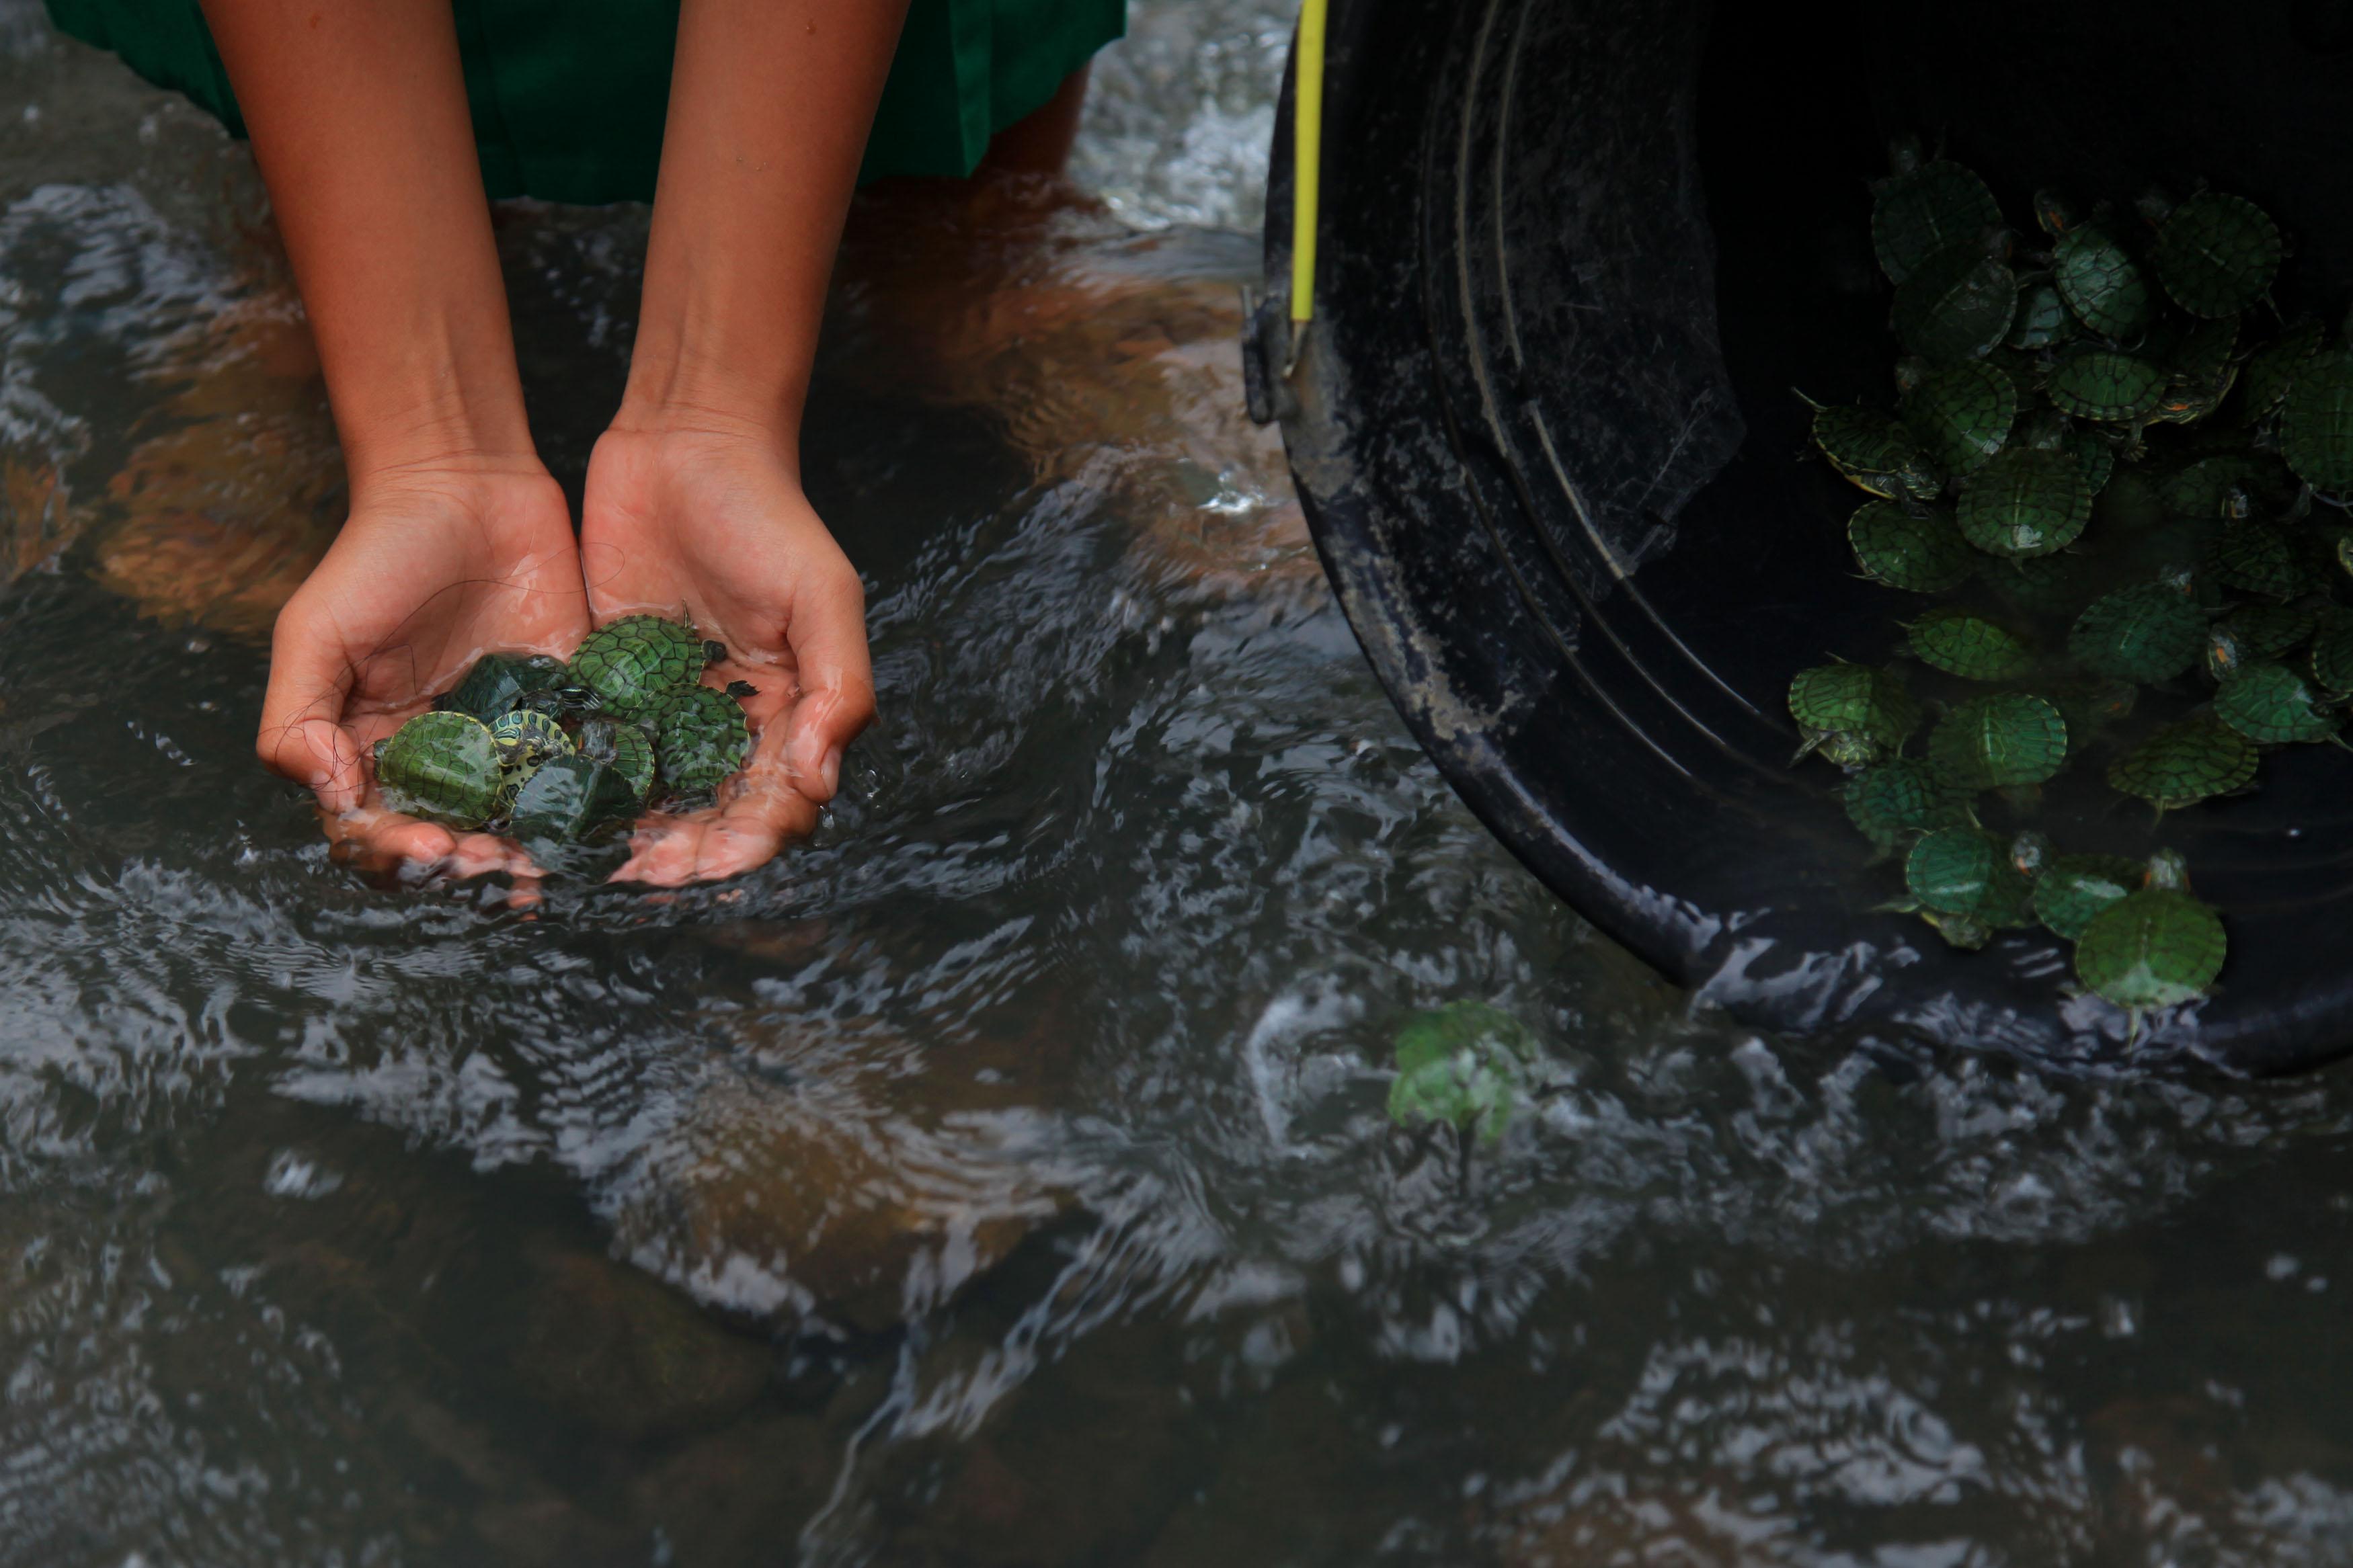 Warga melepas sejumlah kura-kura di aliran Sungai Keduang, Jatiroto, Wonogiri, Jawa Tengah, Rabu (11/11). Kegiatan melepas 1.000 ekor kura-kura dan 2.000 ekor bibit ikan lele dan nila yang diselenggarakan Kementerian Lingkungan Hidup dan Kehutanan melalui Pusat Pengendalian Ekoregion Jawa tersebut digelar dalam rangka memperingati Hari Cinta Puspa dan Satwa Nasional, sekaligus bertujuan untuk menekan laju kerusakan dan pencemaran lingkungan. ANTARA FOTO/Maulana Surya.